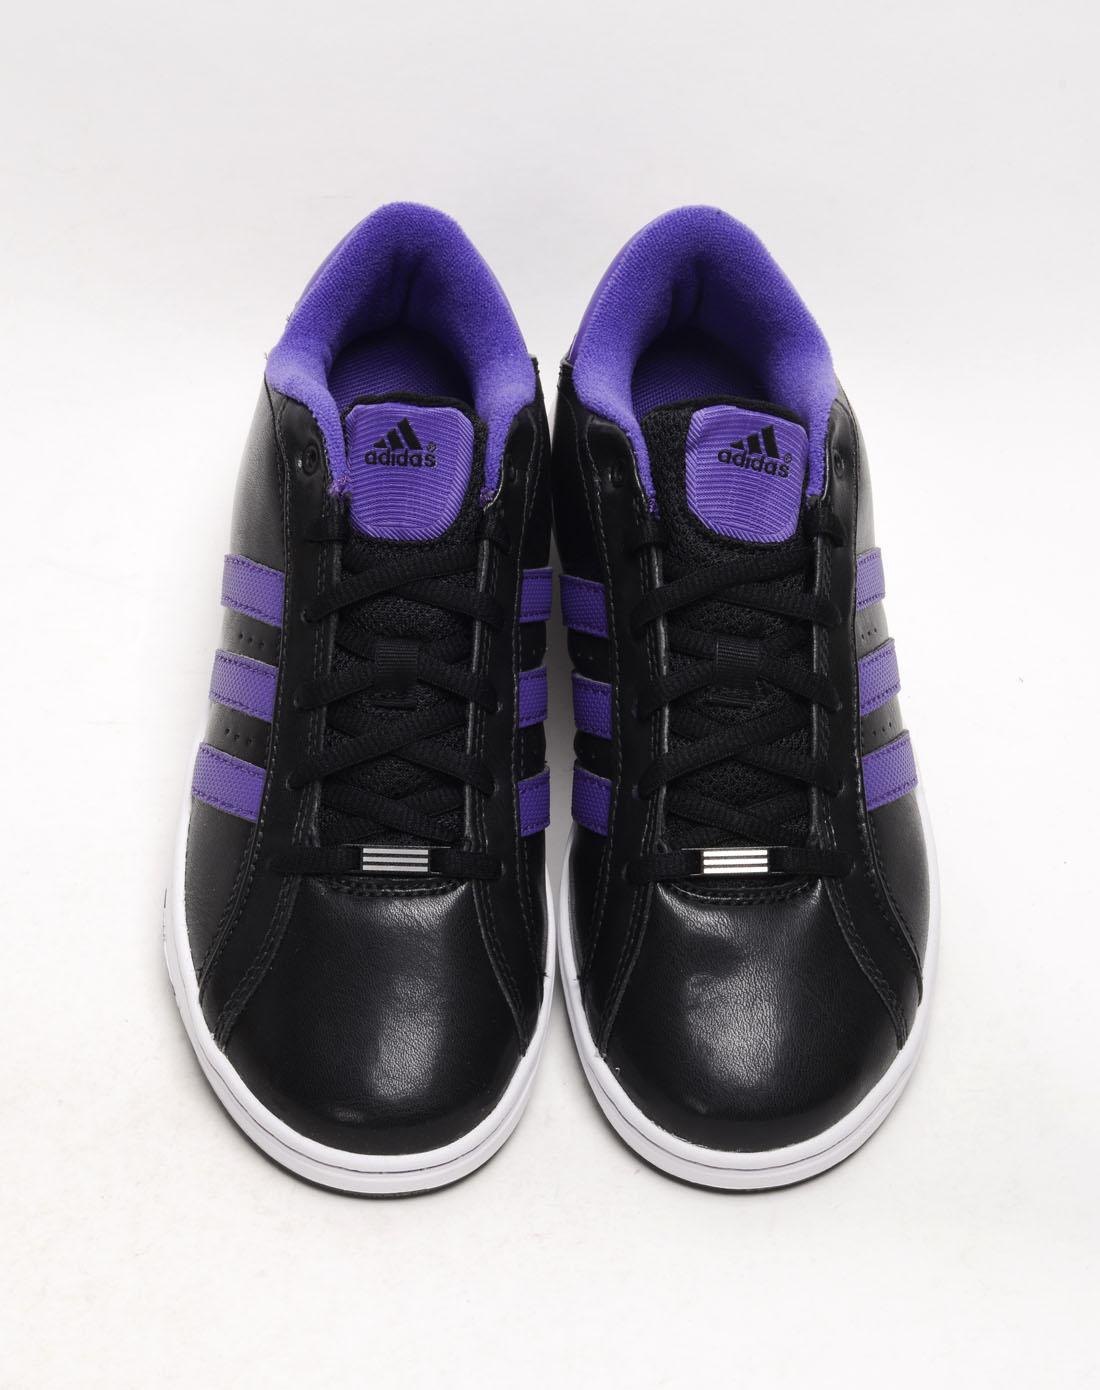 阿迪达斯adidas女子黑色篮球鞋g23643